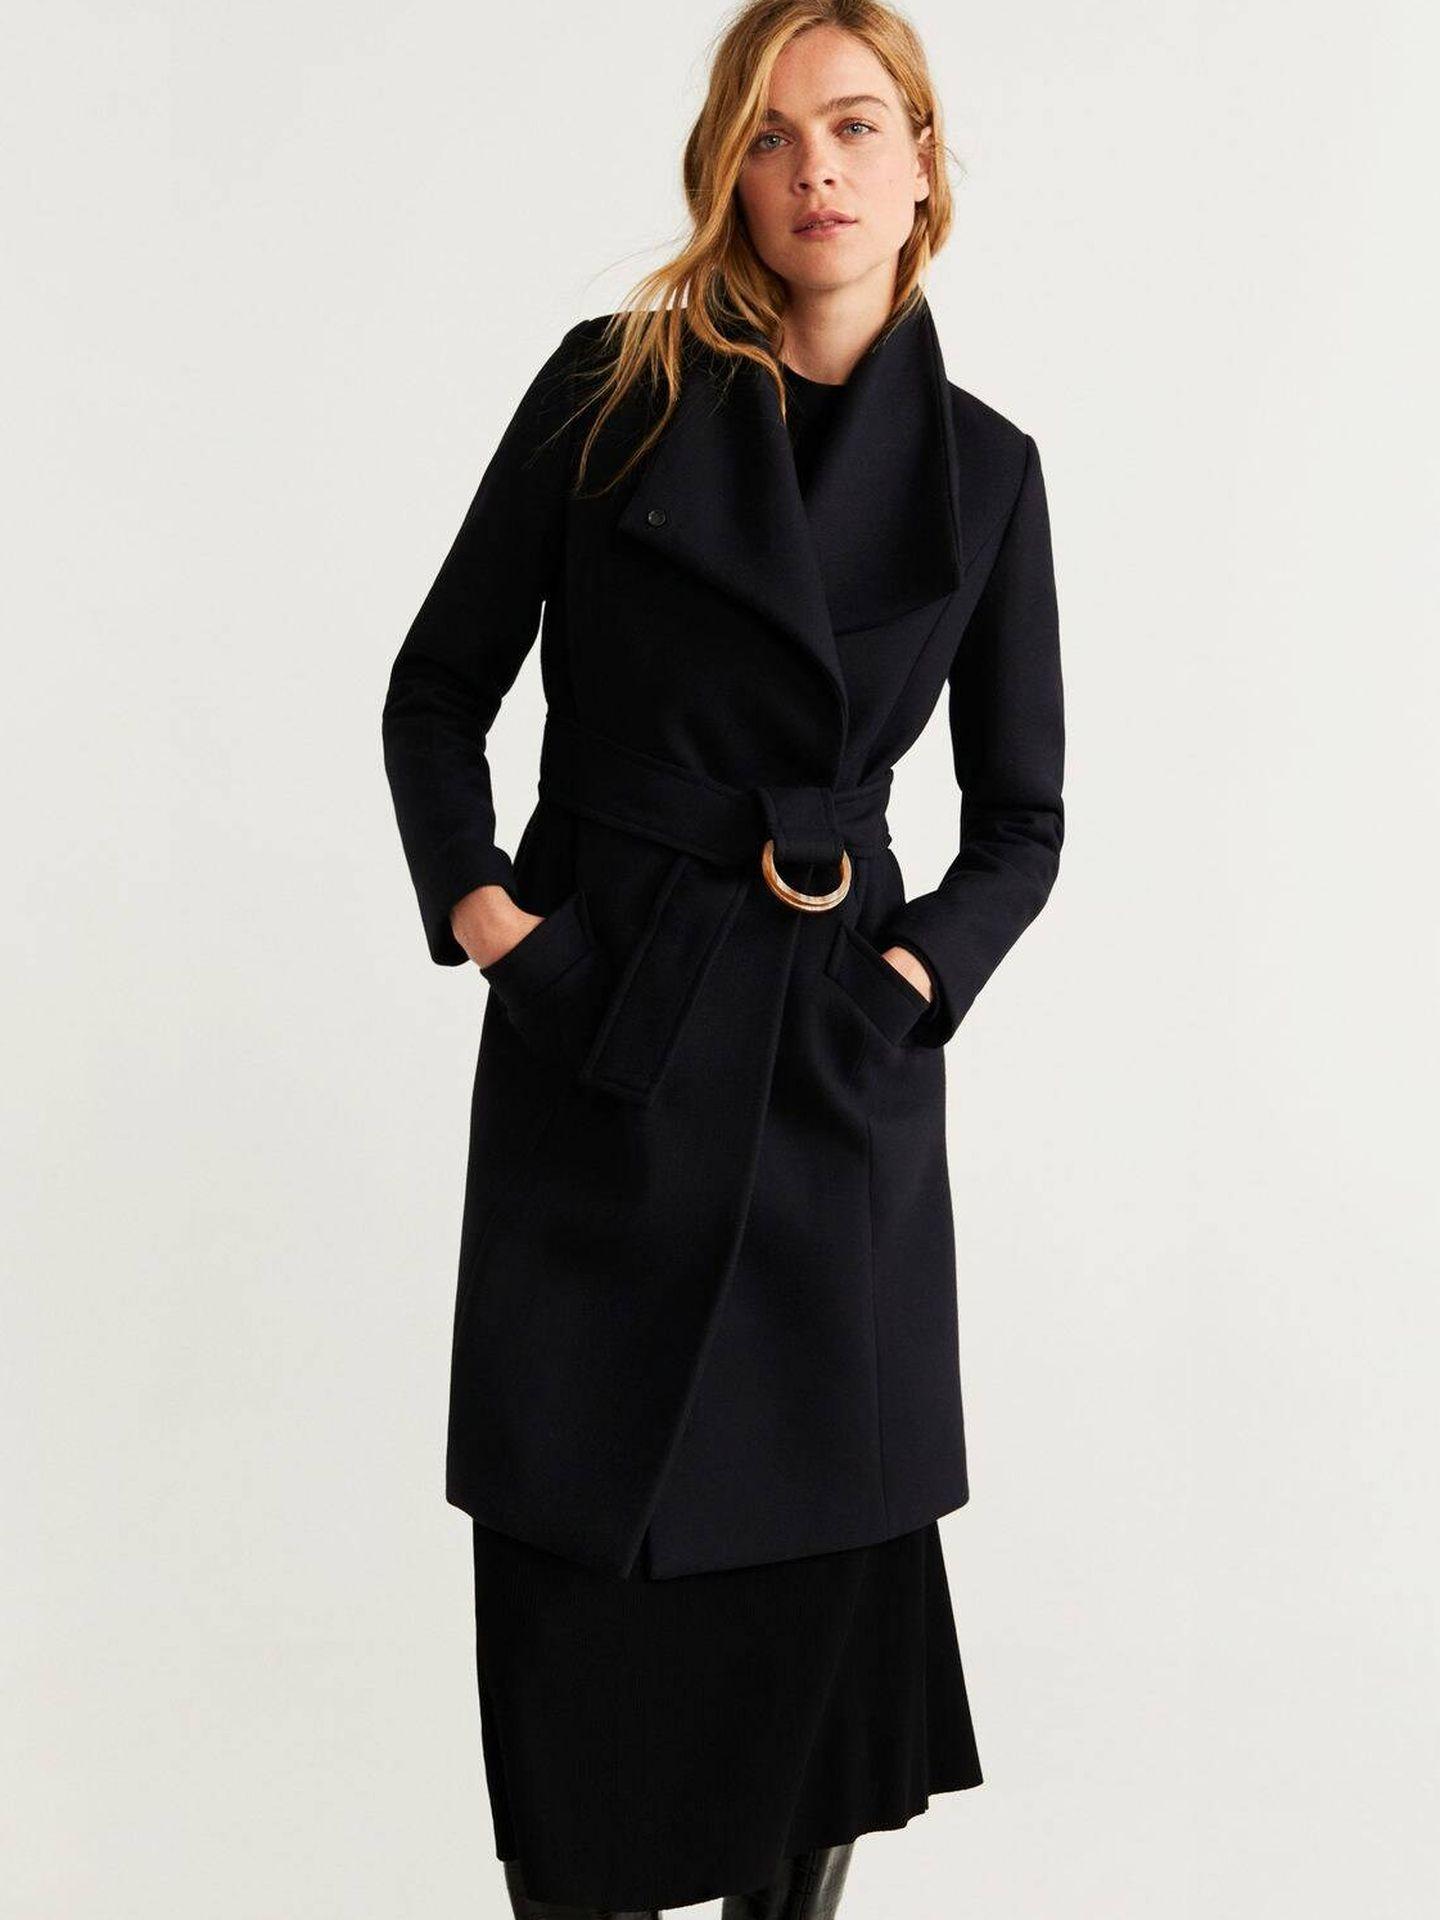 Abrigo de lana de Mango Outlet. (Cortesía)